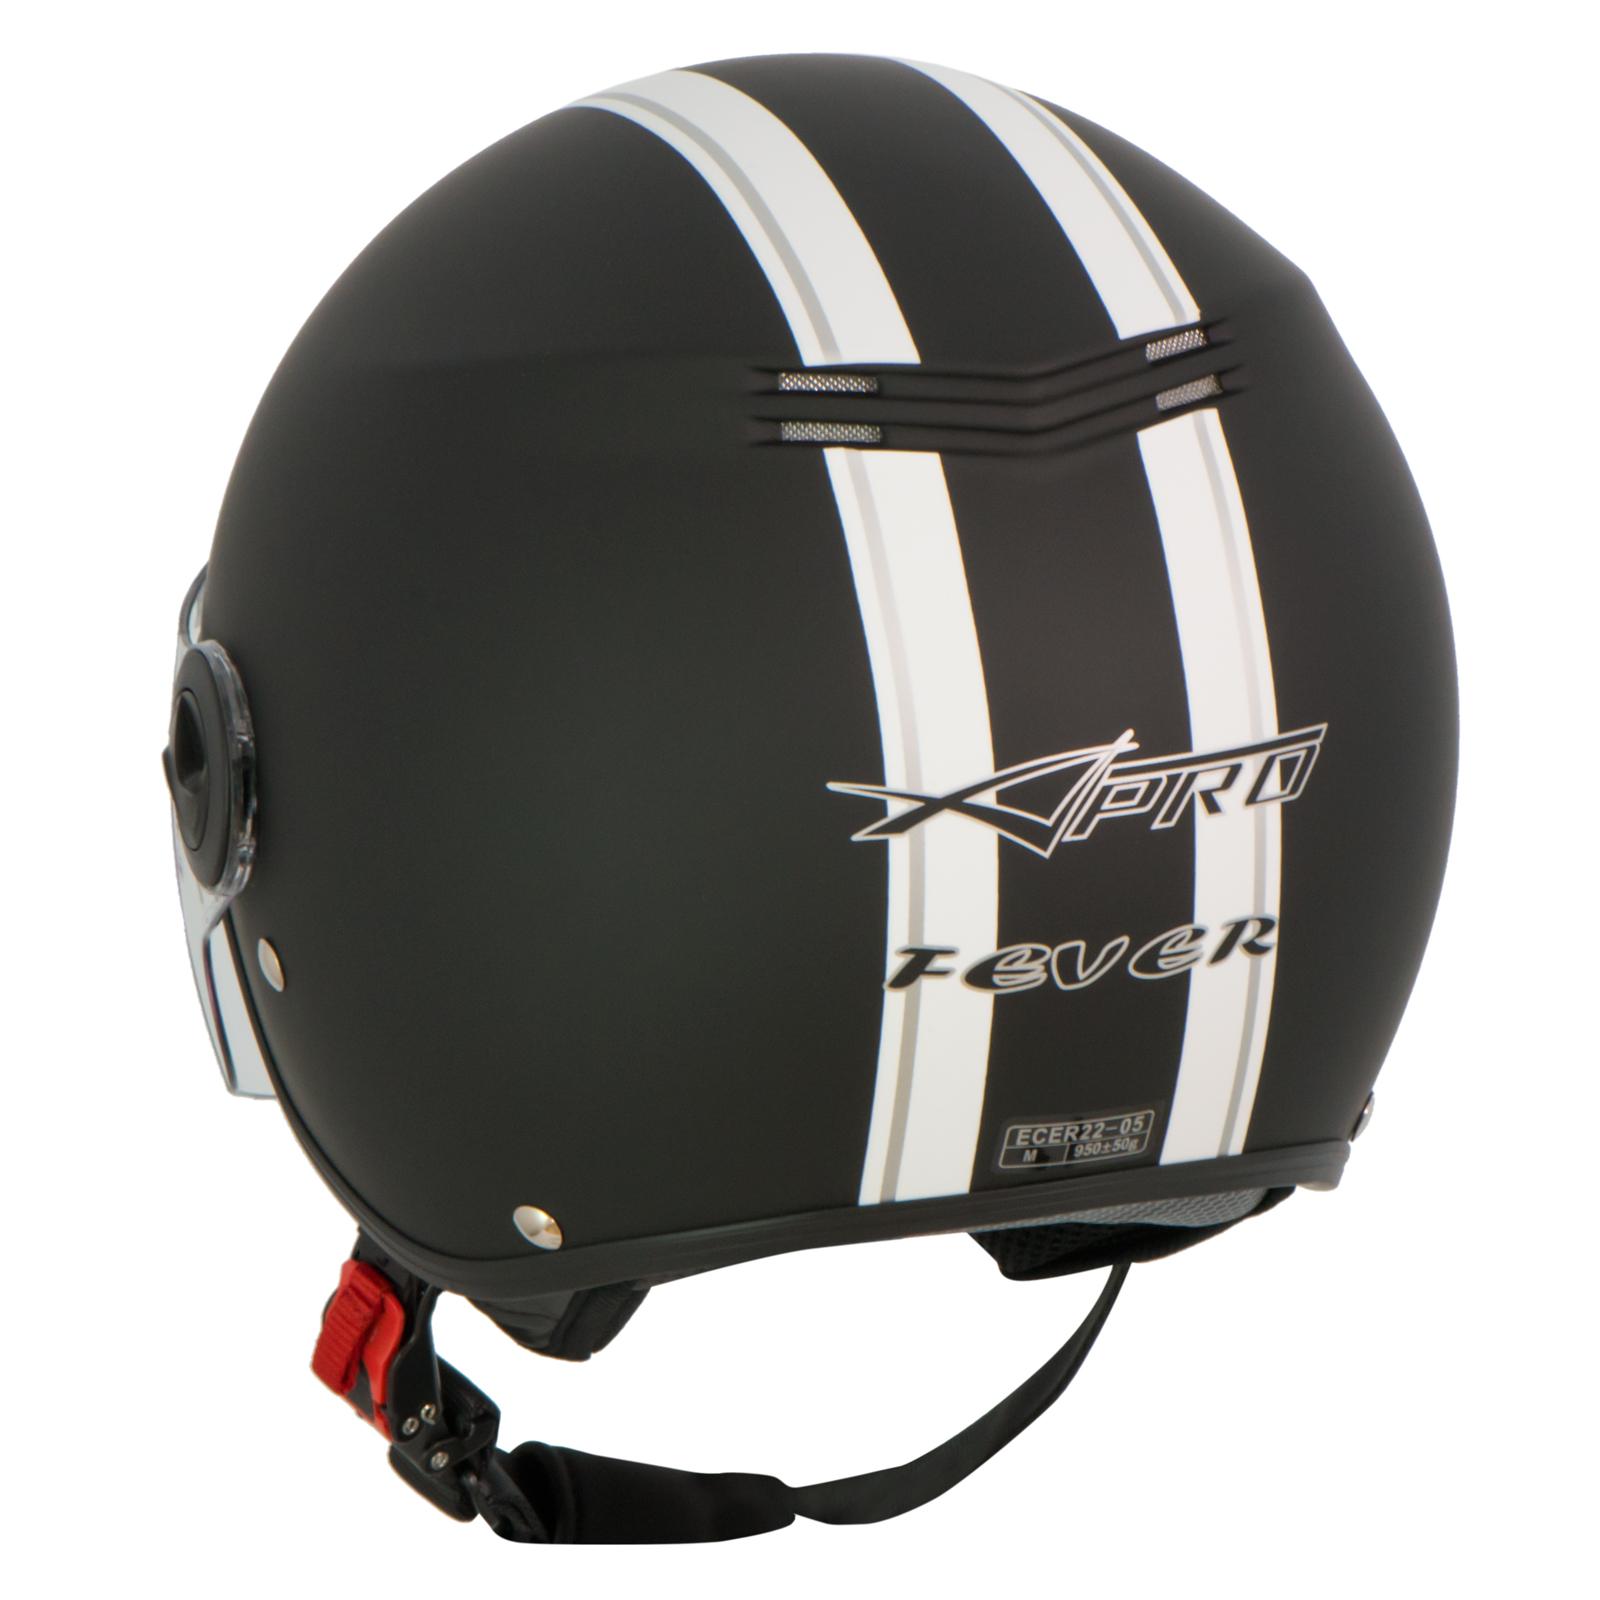 casque avec moto scooter quad jet visiere ece 22 noir mat. Black Bedroom Furniture Sets. Home Design Ideas